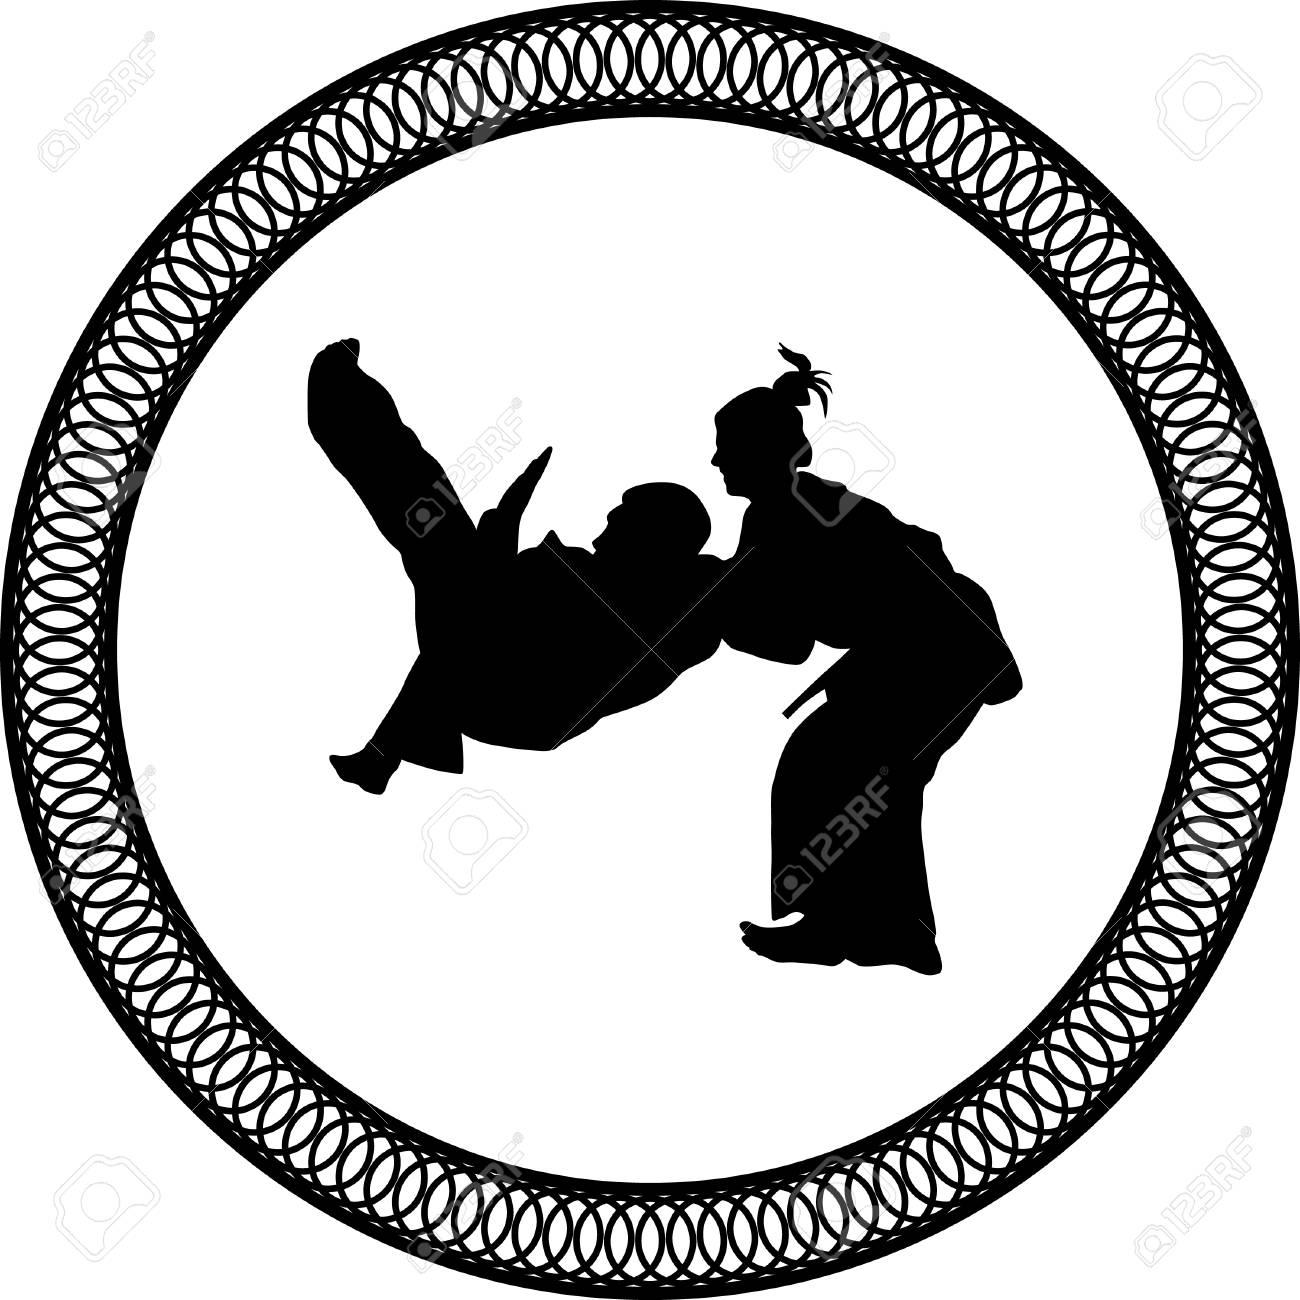 judo martial art royalty free cliparts vectors and stock rh 123rf com